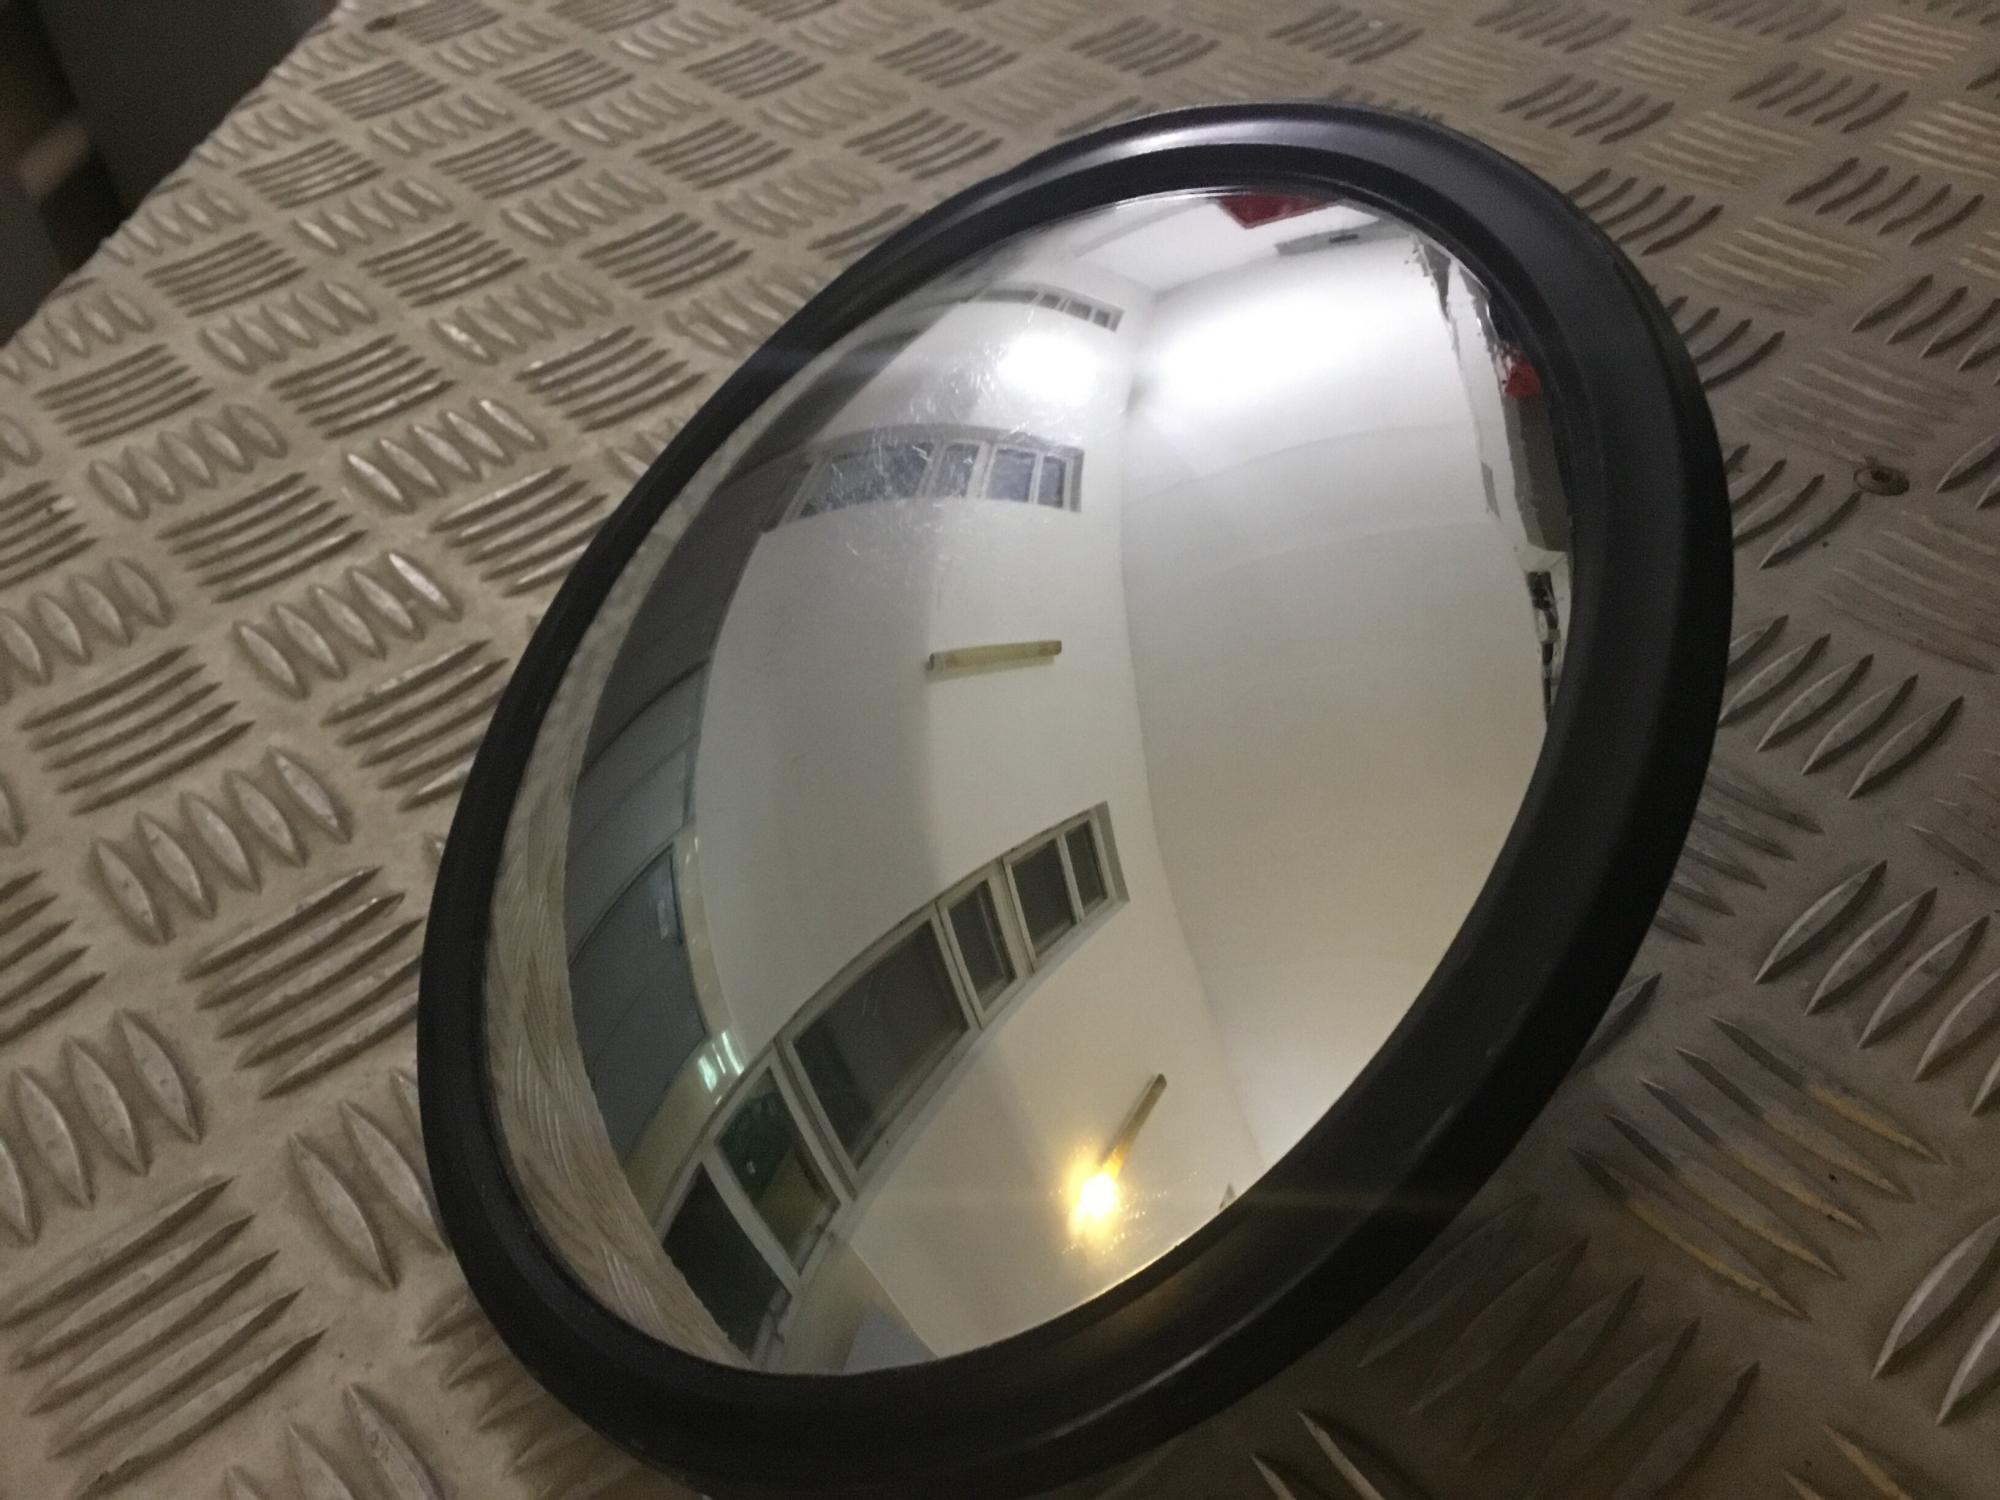 Зеркало парковочное сфера 18см Япония 89999652296 купить 1